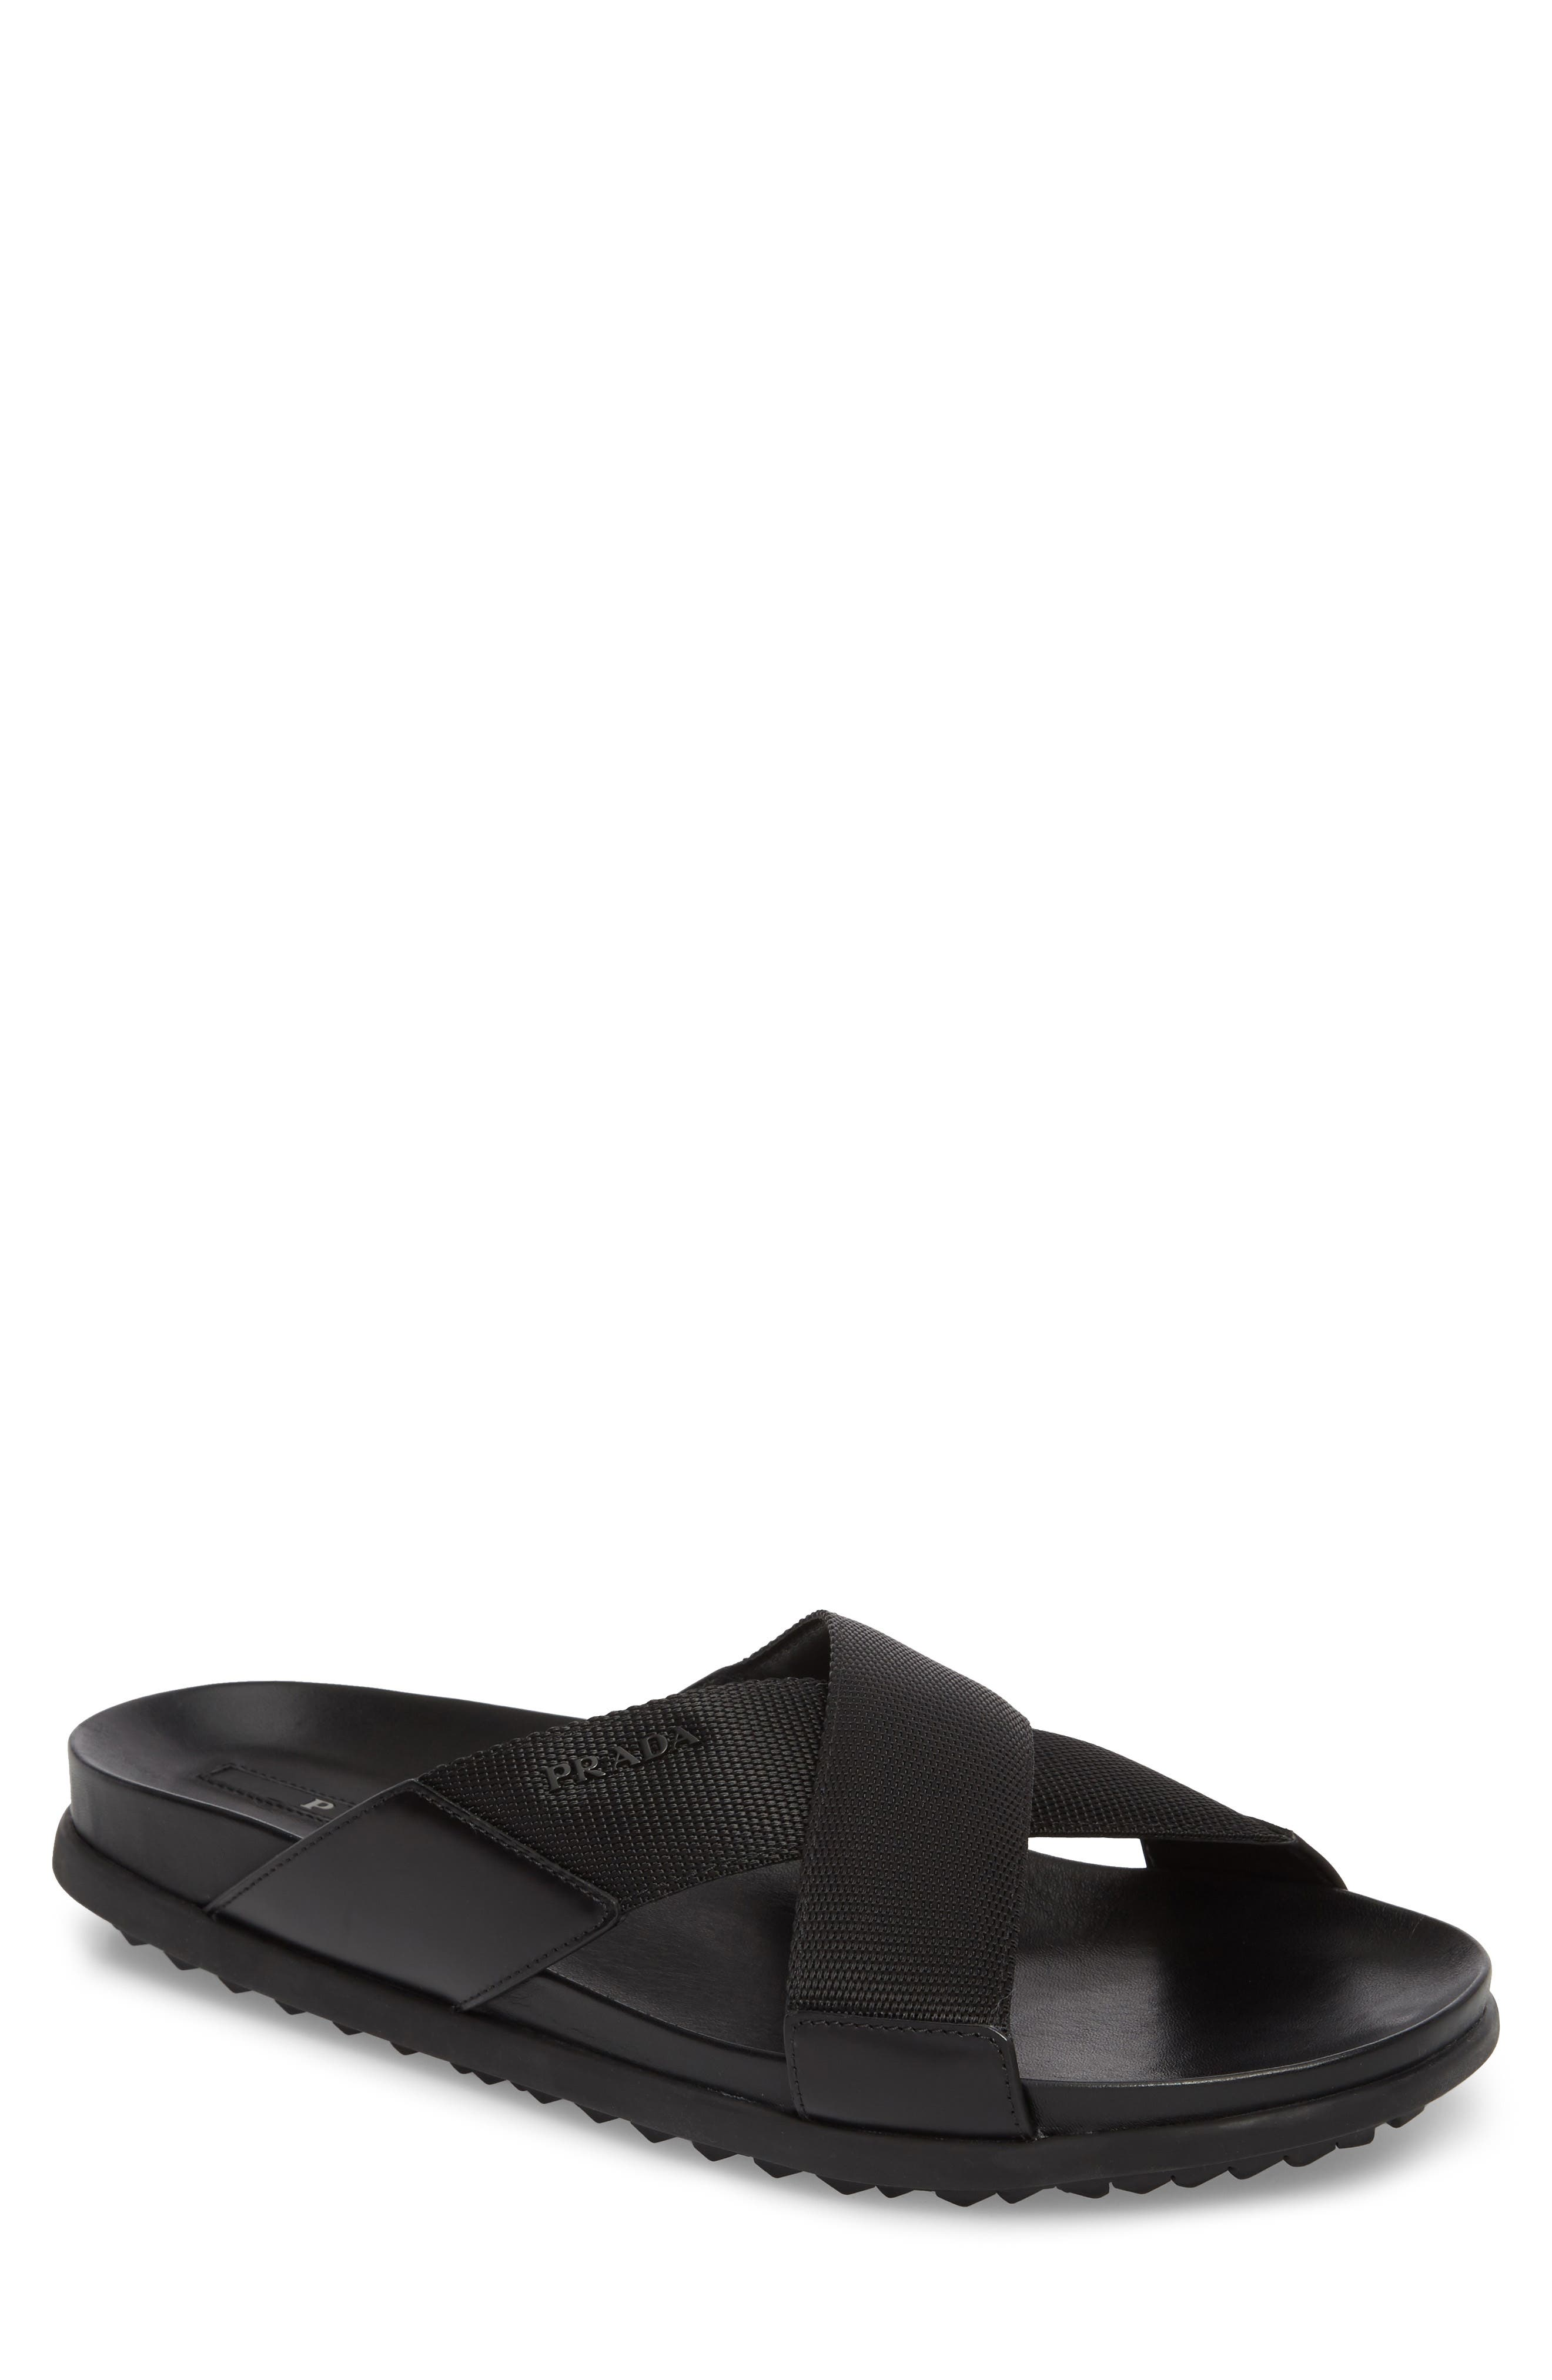 Main Image - Prada Linea Rossa Slide Sandal (Men)